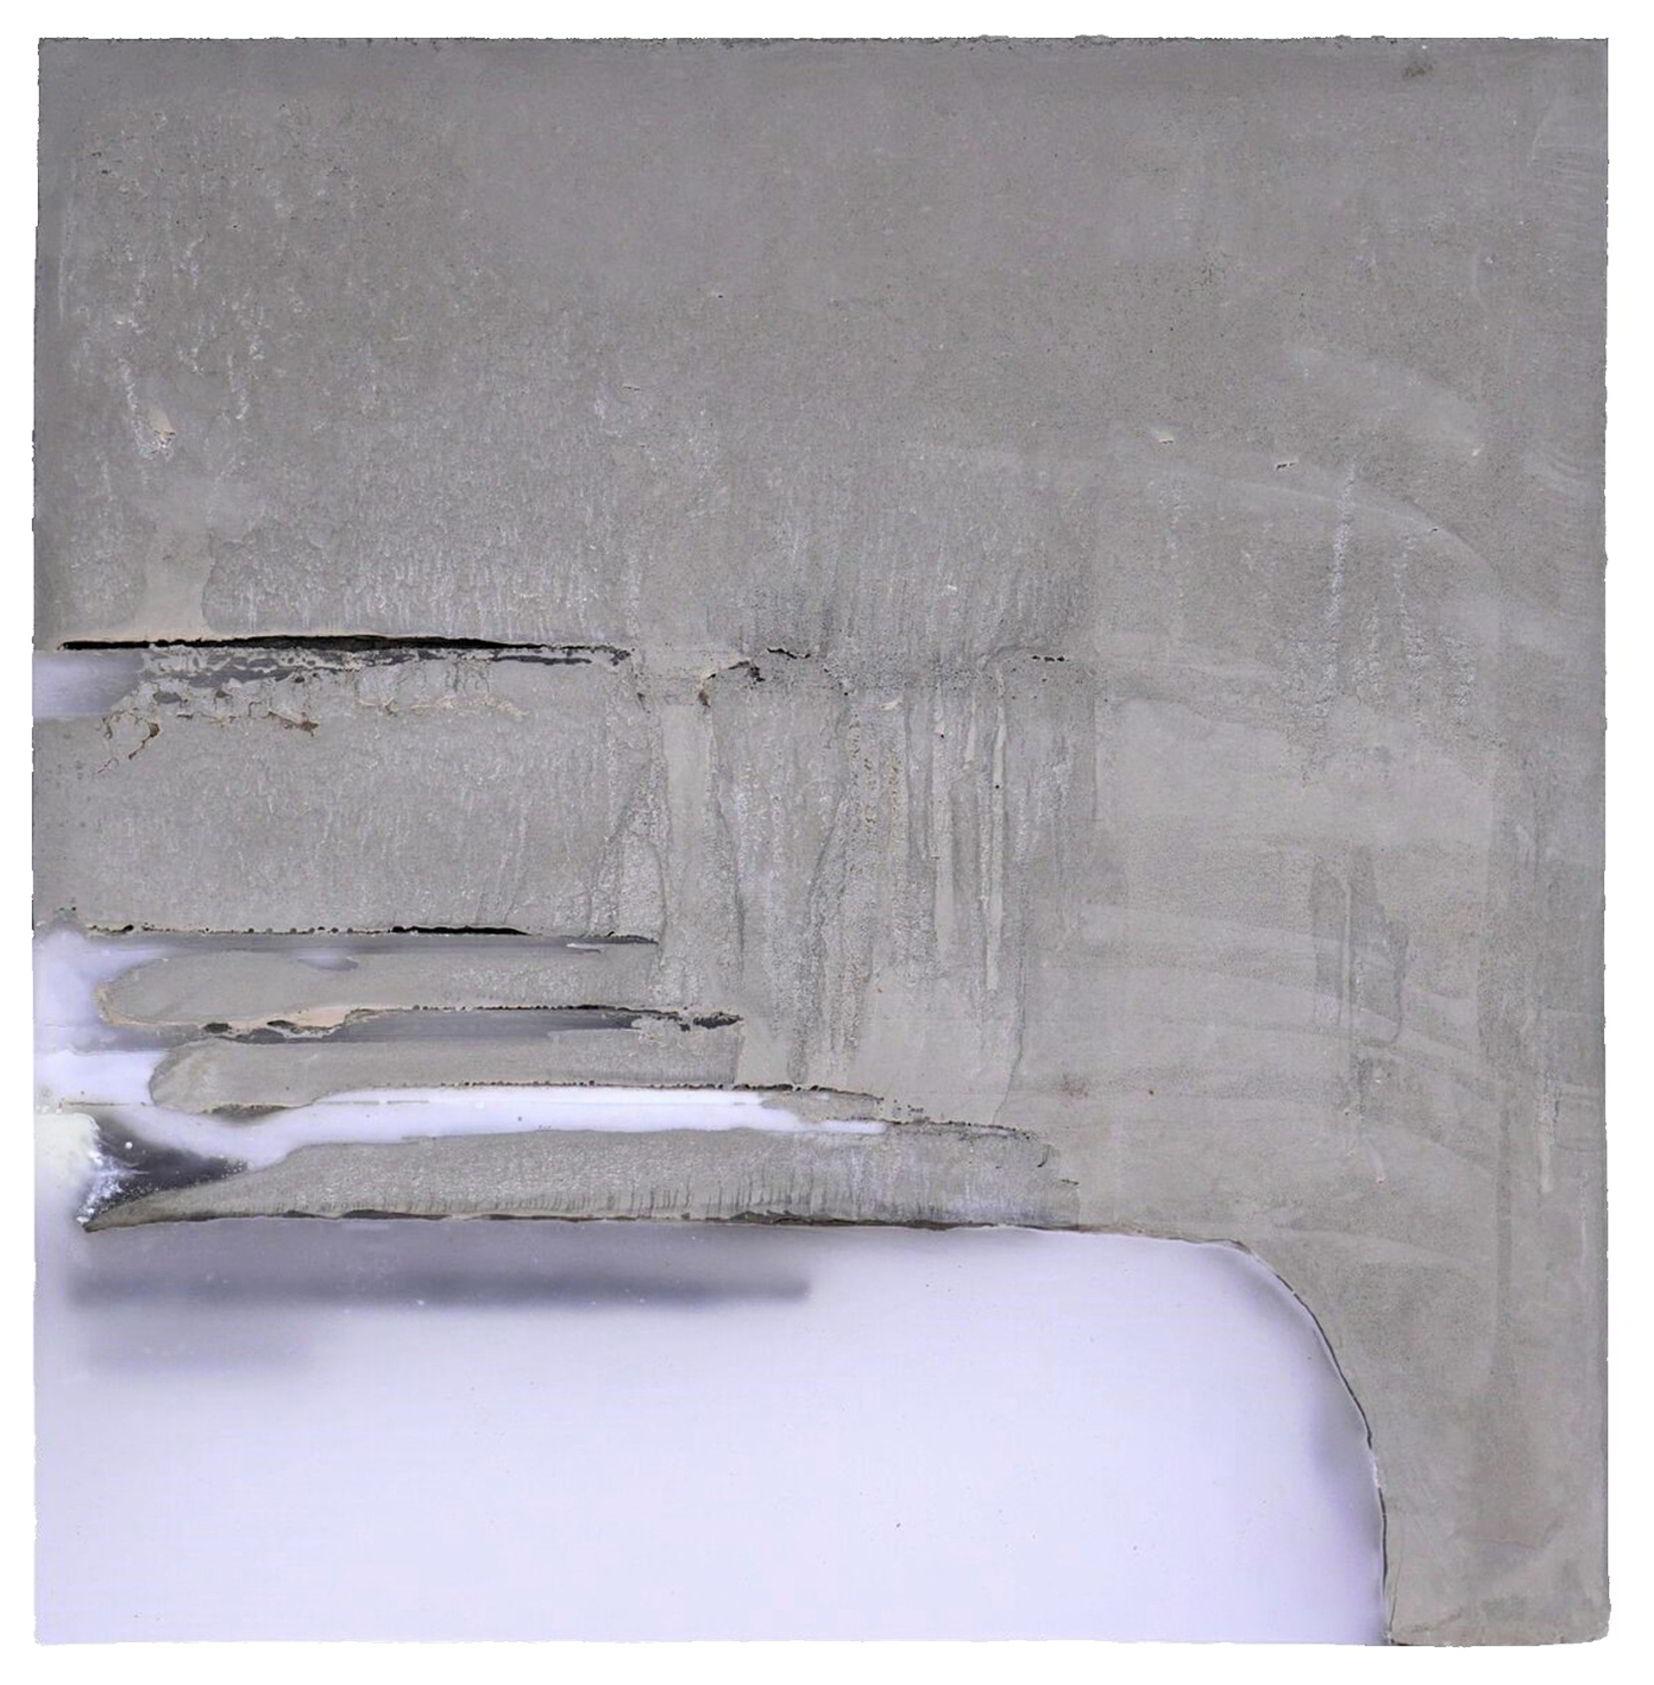 Ulrich Haug, Ohne Titel, Teil B, 2017, Beton, Paraffin, Pigmente, 43 x 43 cm